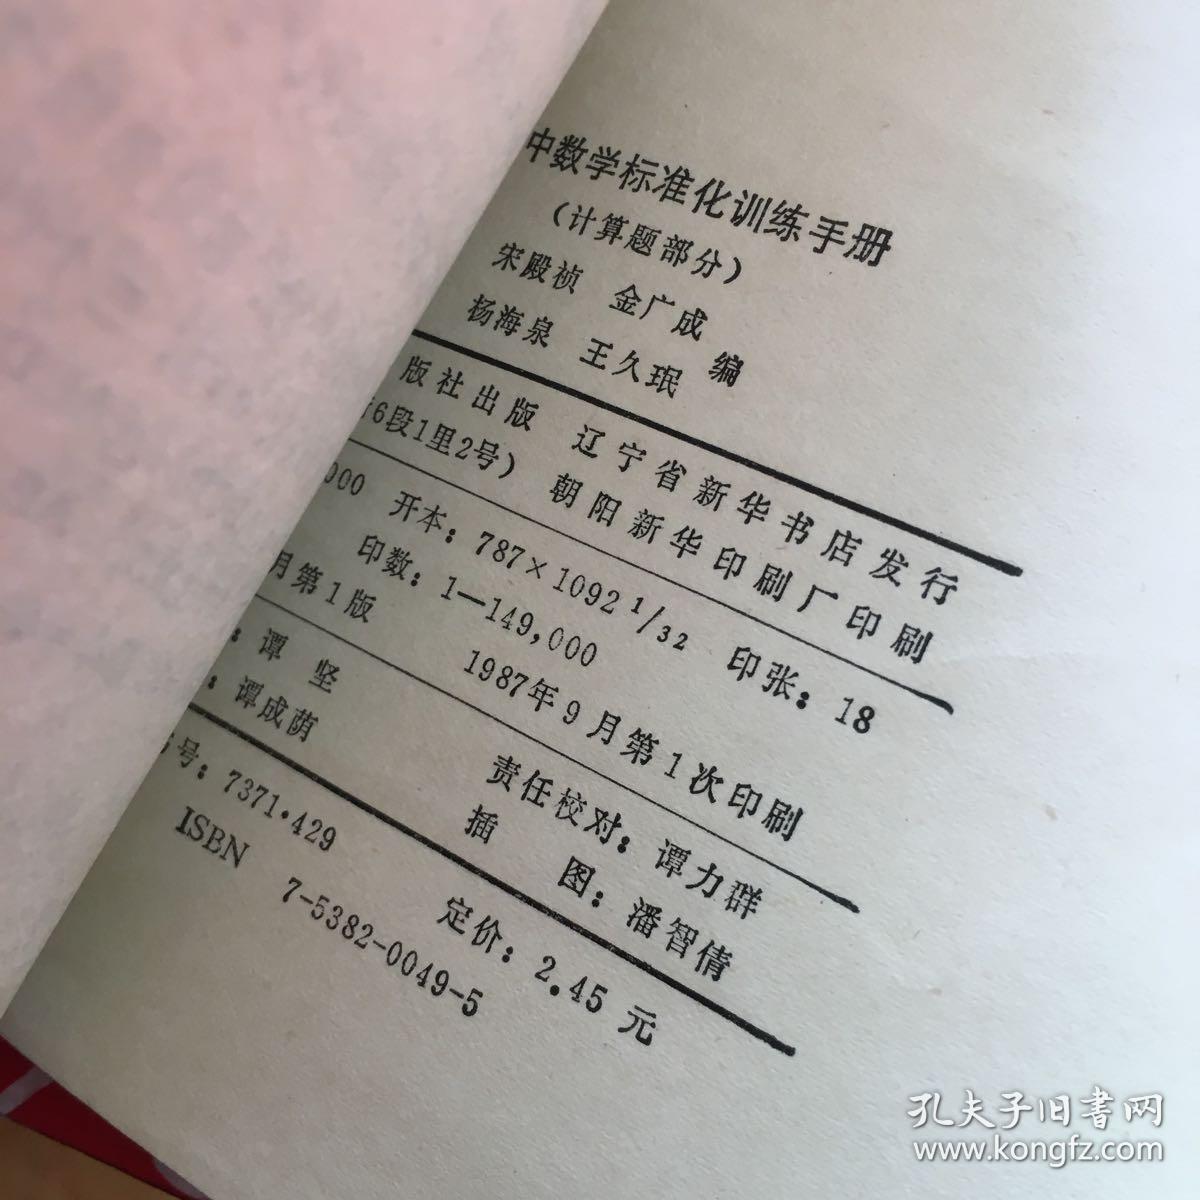 作文部分标准化v作文手册计算题初中【家风】数学初中馆藏故事图片